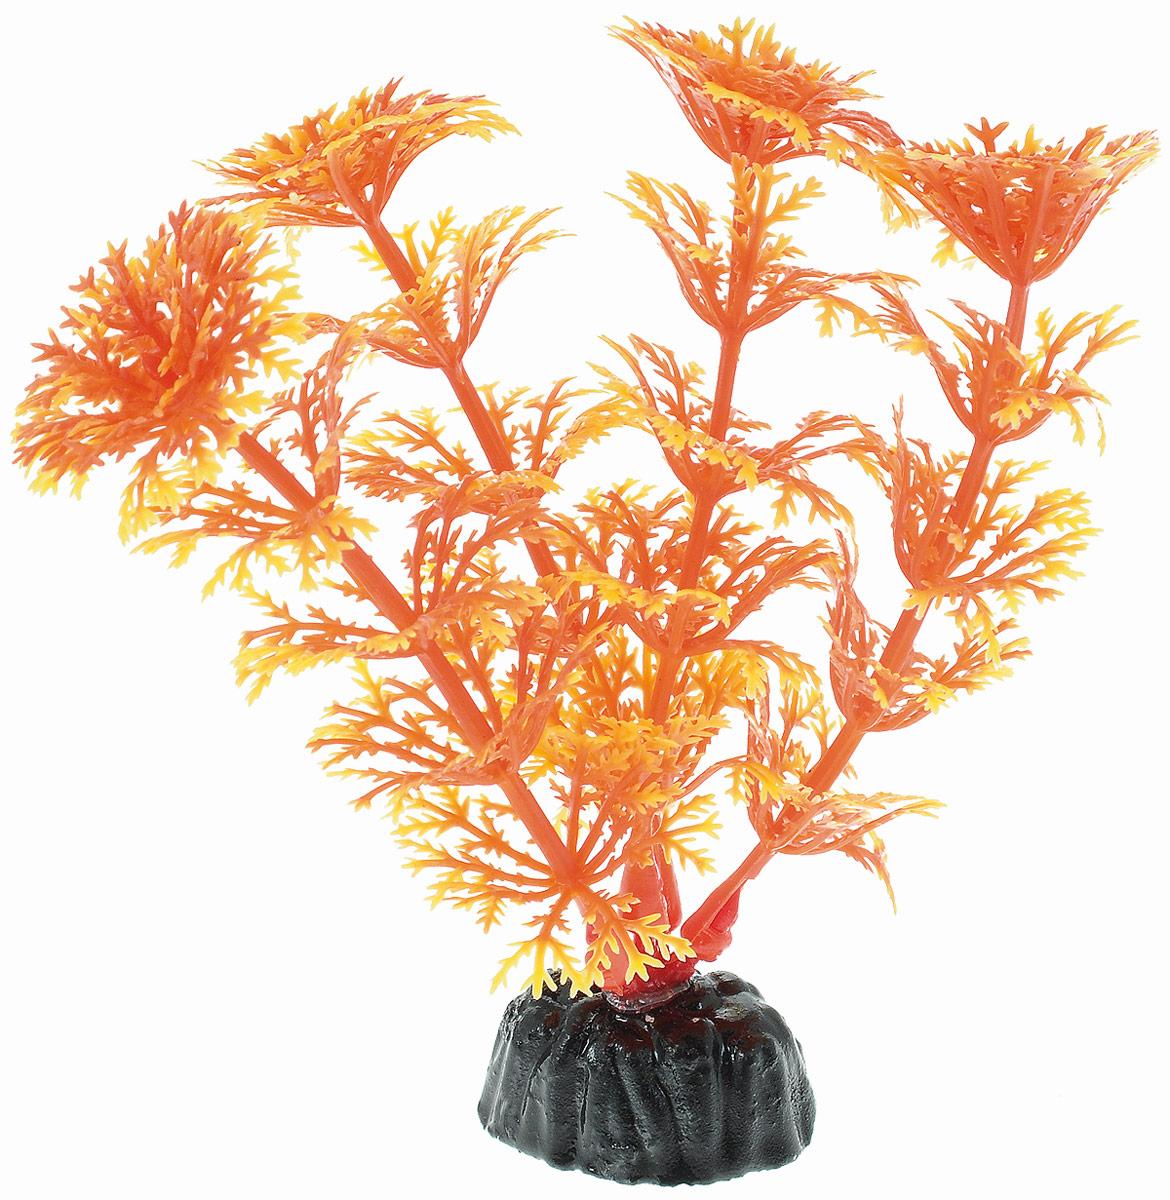 Растение для аквариума Barbus Кабомба, пластиковое, цвет: желто-оранжевый, высота 10 смPlant 021/10Растение Barbus Кабомба, выполненное из высококачественного нетоксичного пластика, станет оригинальным украшением вашего аквариума. Пластиковое растение идеально подходит для дизайна всех видов аквариумов. В воде происходит абсолютная имитация живых растений. Изделие не требует дополнительного ухода и просто в применении. Оно абсолютно безопасно, нейтрально к водному балансу, устойчиво к истиранию краски, подходит как для пресноводного, так и для морского аквариума. Растение для аквариума Barbus Кабомба поможет вам смоделировать потрясающий пейзаж на дне вашего аквариума. Высота растения: 10 см.